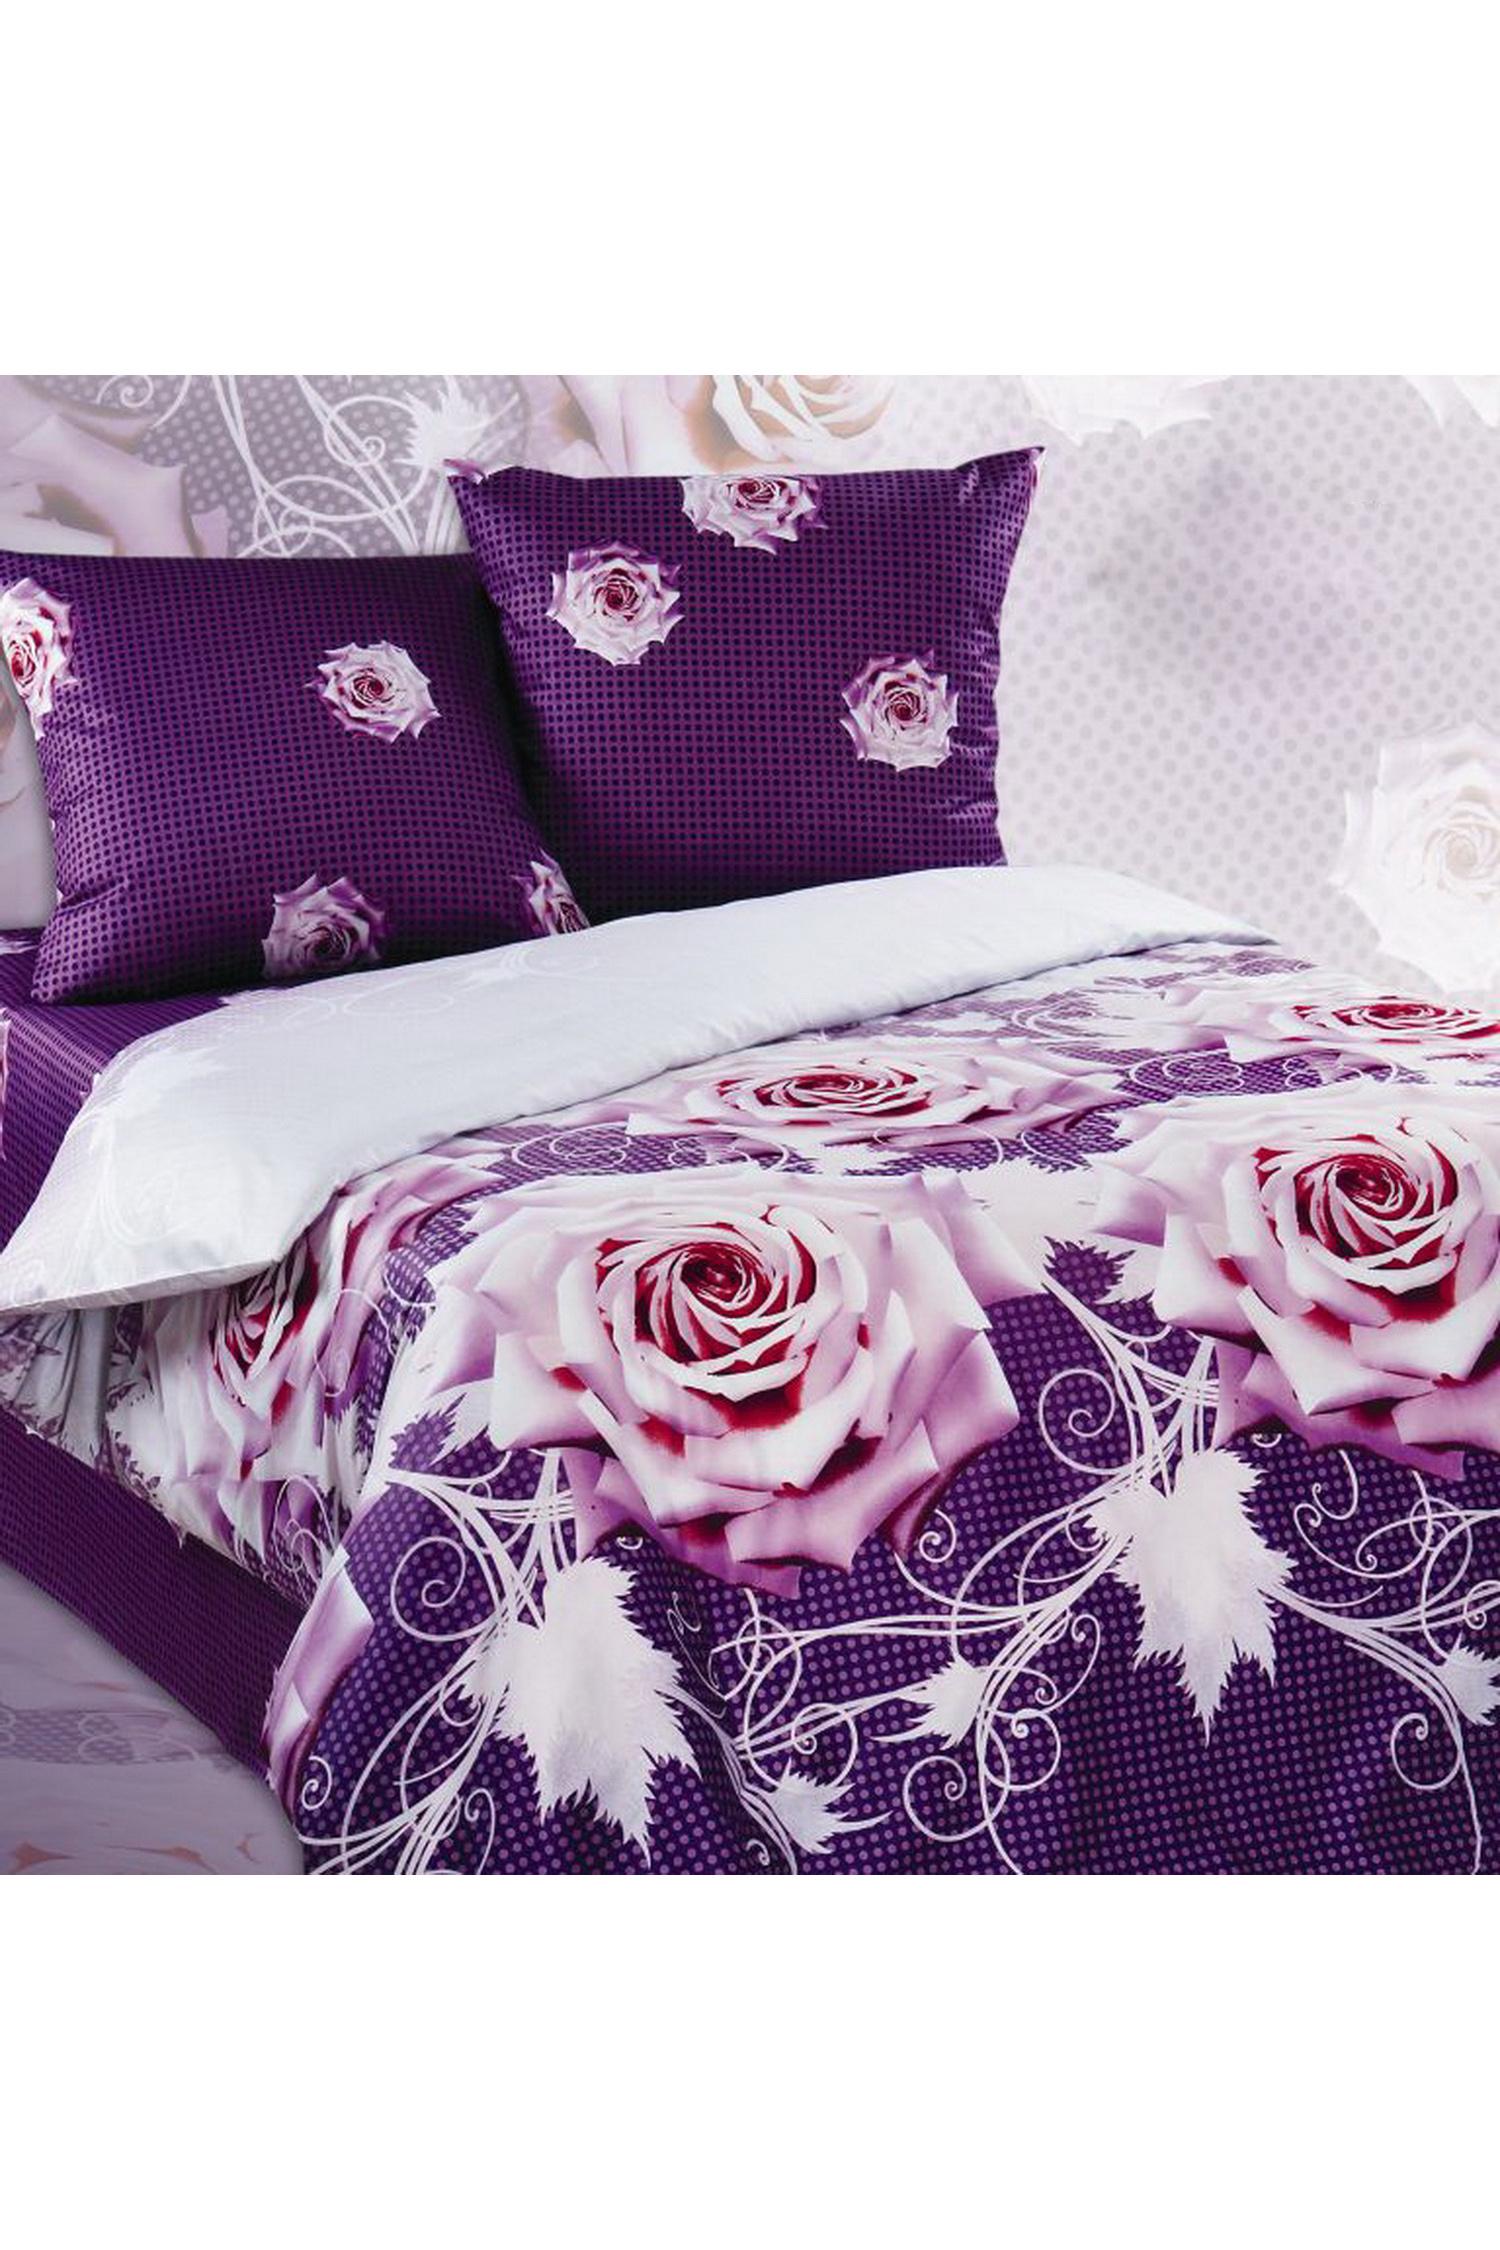 Комплект постельного бельяПостельное белье<br>Бязь - это плотная хлопчатобумажная ткань, гигиеничная, обладающая низкой сменяемостью и легко стирающаяся. Изготавливается из 100% хлопка с использованием устойчивых безопасных красителей для нанесения рисунка на долгие годы, сохраняя яркость цвета.  В изделии использованы цвета: фиолетовый, белый и др.  Обращаем Ваше внимание на то, что расположение рисунка на комплекте не всегда полностью совпадает с рисунком на картинке Данное несоответствие не расценивается как брак или некондиция.  Комплект полутораспального гарнитура: Пододеяльник 150х215 - 1шт. Простынь 150х220 - 1шт. Наволочка 70х70 - 2шт.  Комплект двуспального гарнитура: Пододеяльник 180х220 - 1шт. Простынь 180х220 - 1шт. Наволочка 70х70 - 2 шт.  Комплект двуспального гарнитура с Евро простыней: Пододеяльник 180х220 - 1шт. Простынь 220х240 - 1шт. Наволочка 70х70 - 2 шт.  Комплект Евро гарнитура:  Пододеяльник 220х240 - 1шт.  Простынь 220х240 - 1шт.  Наволочка 70х70 - 2 шт.  Комплект Дуэт гарнитура:  Пододеяльник 150х220 - 2 шт. Простынь 220х240 - 1шт.  Наволочка 70х70 - 2 шт.<br><br>По комплектации: Наволочка 2 шт.,Пододеяльник 1 шт.,Простыня 1 шт.<br>По материалу: Бязь,Хлопок<br>По размеру: Двуспальные<br>По рисунку: Растительные мотивы,С принтом,Цветные,Цветочные<br>По способу закрывания: В нахлест<br>Размер : 2,0<br>Материал: Бязь набивная б/шва 100% хлопок<br>Количество в наличии: 1